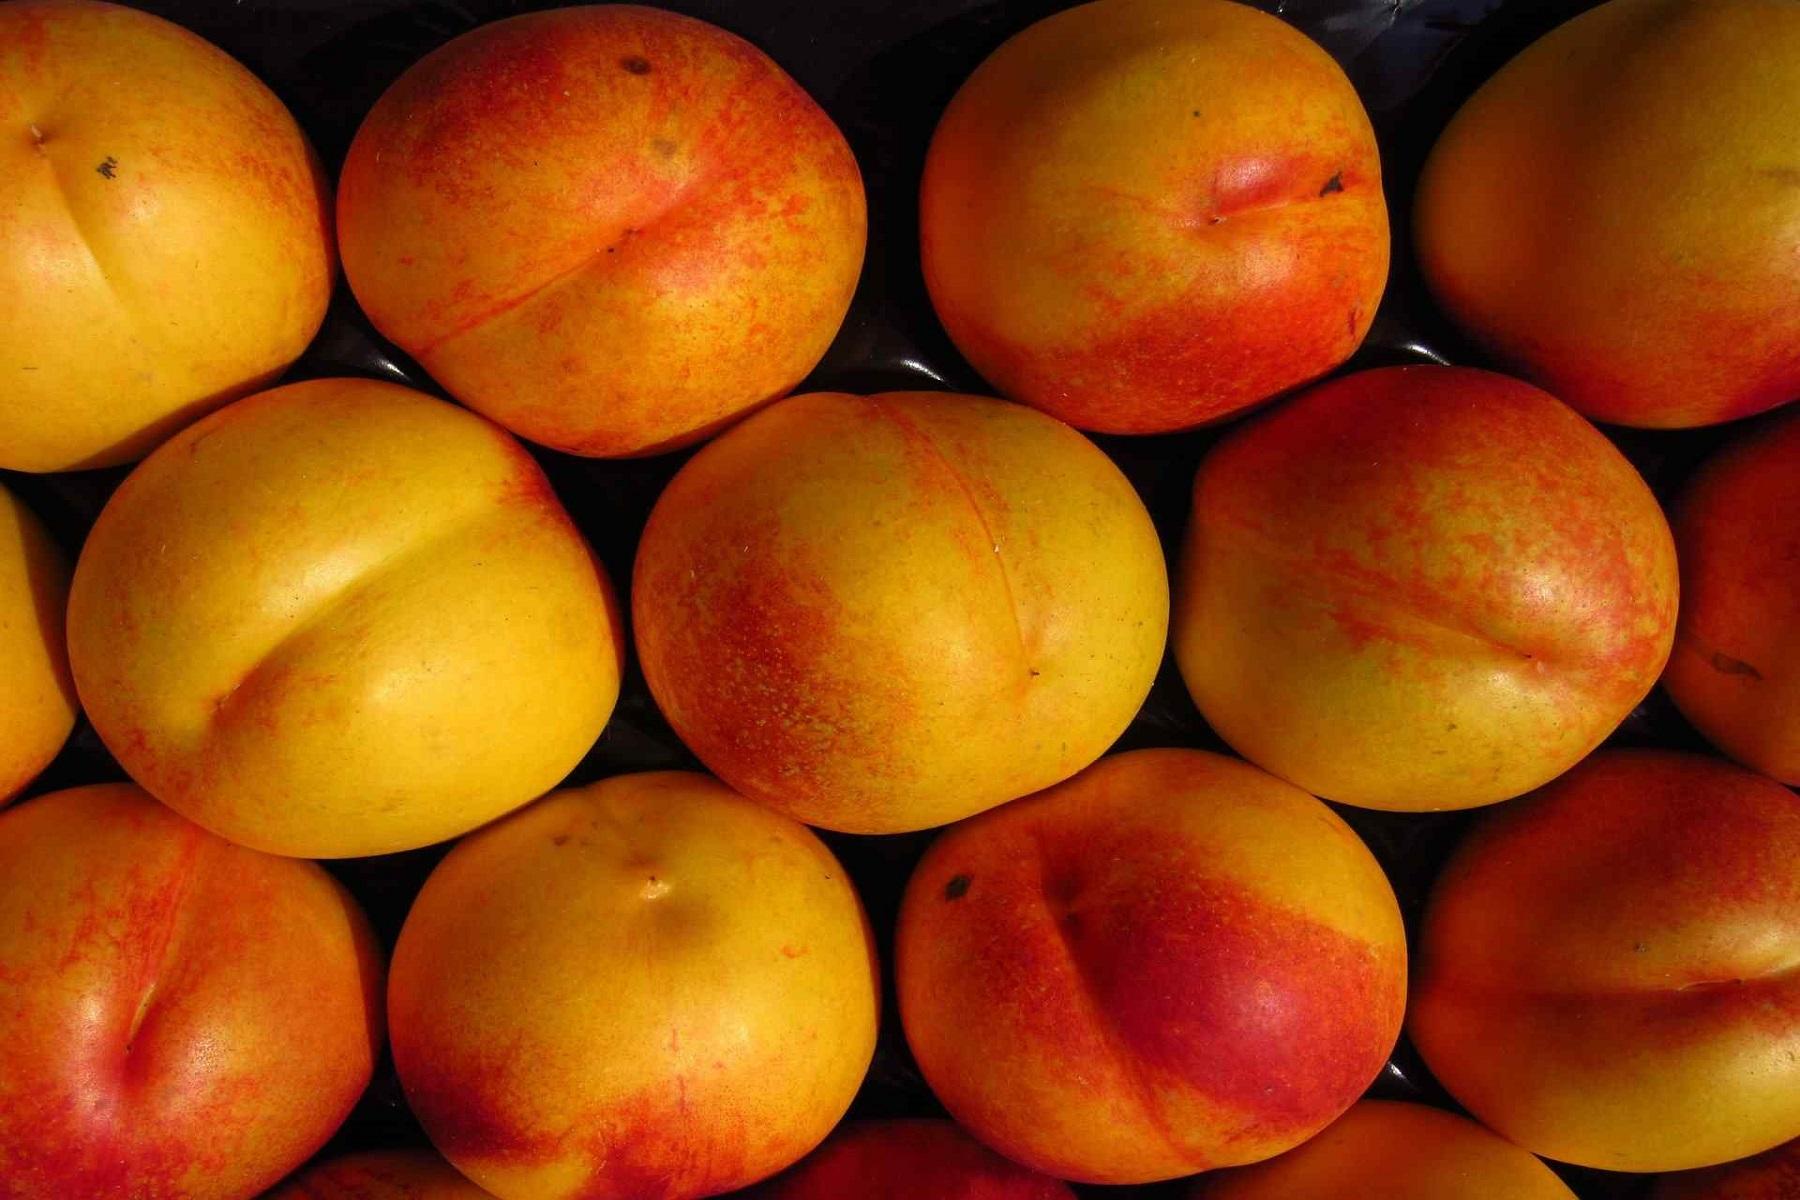 Φρούτο Νεκταρίνι: Πολλά τα οφέλη από την κατανάλωσή του για την υγεία αλλά και την απώλεια βάρους